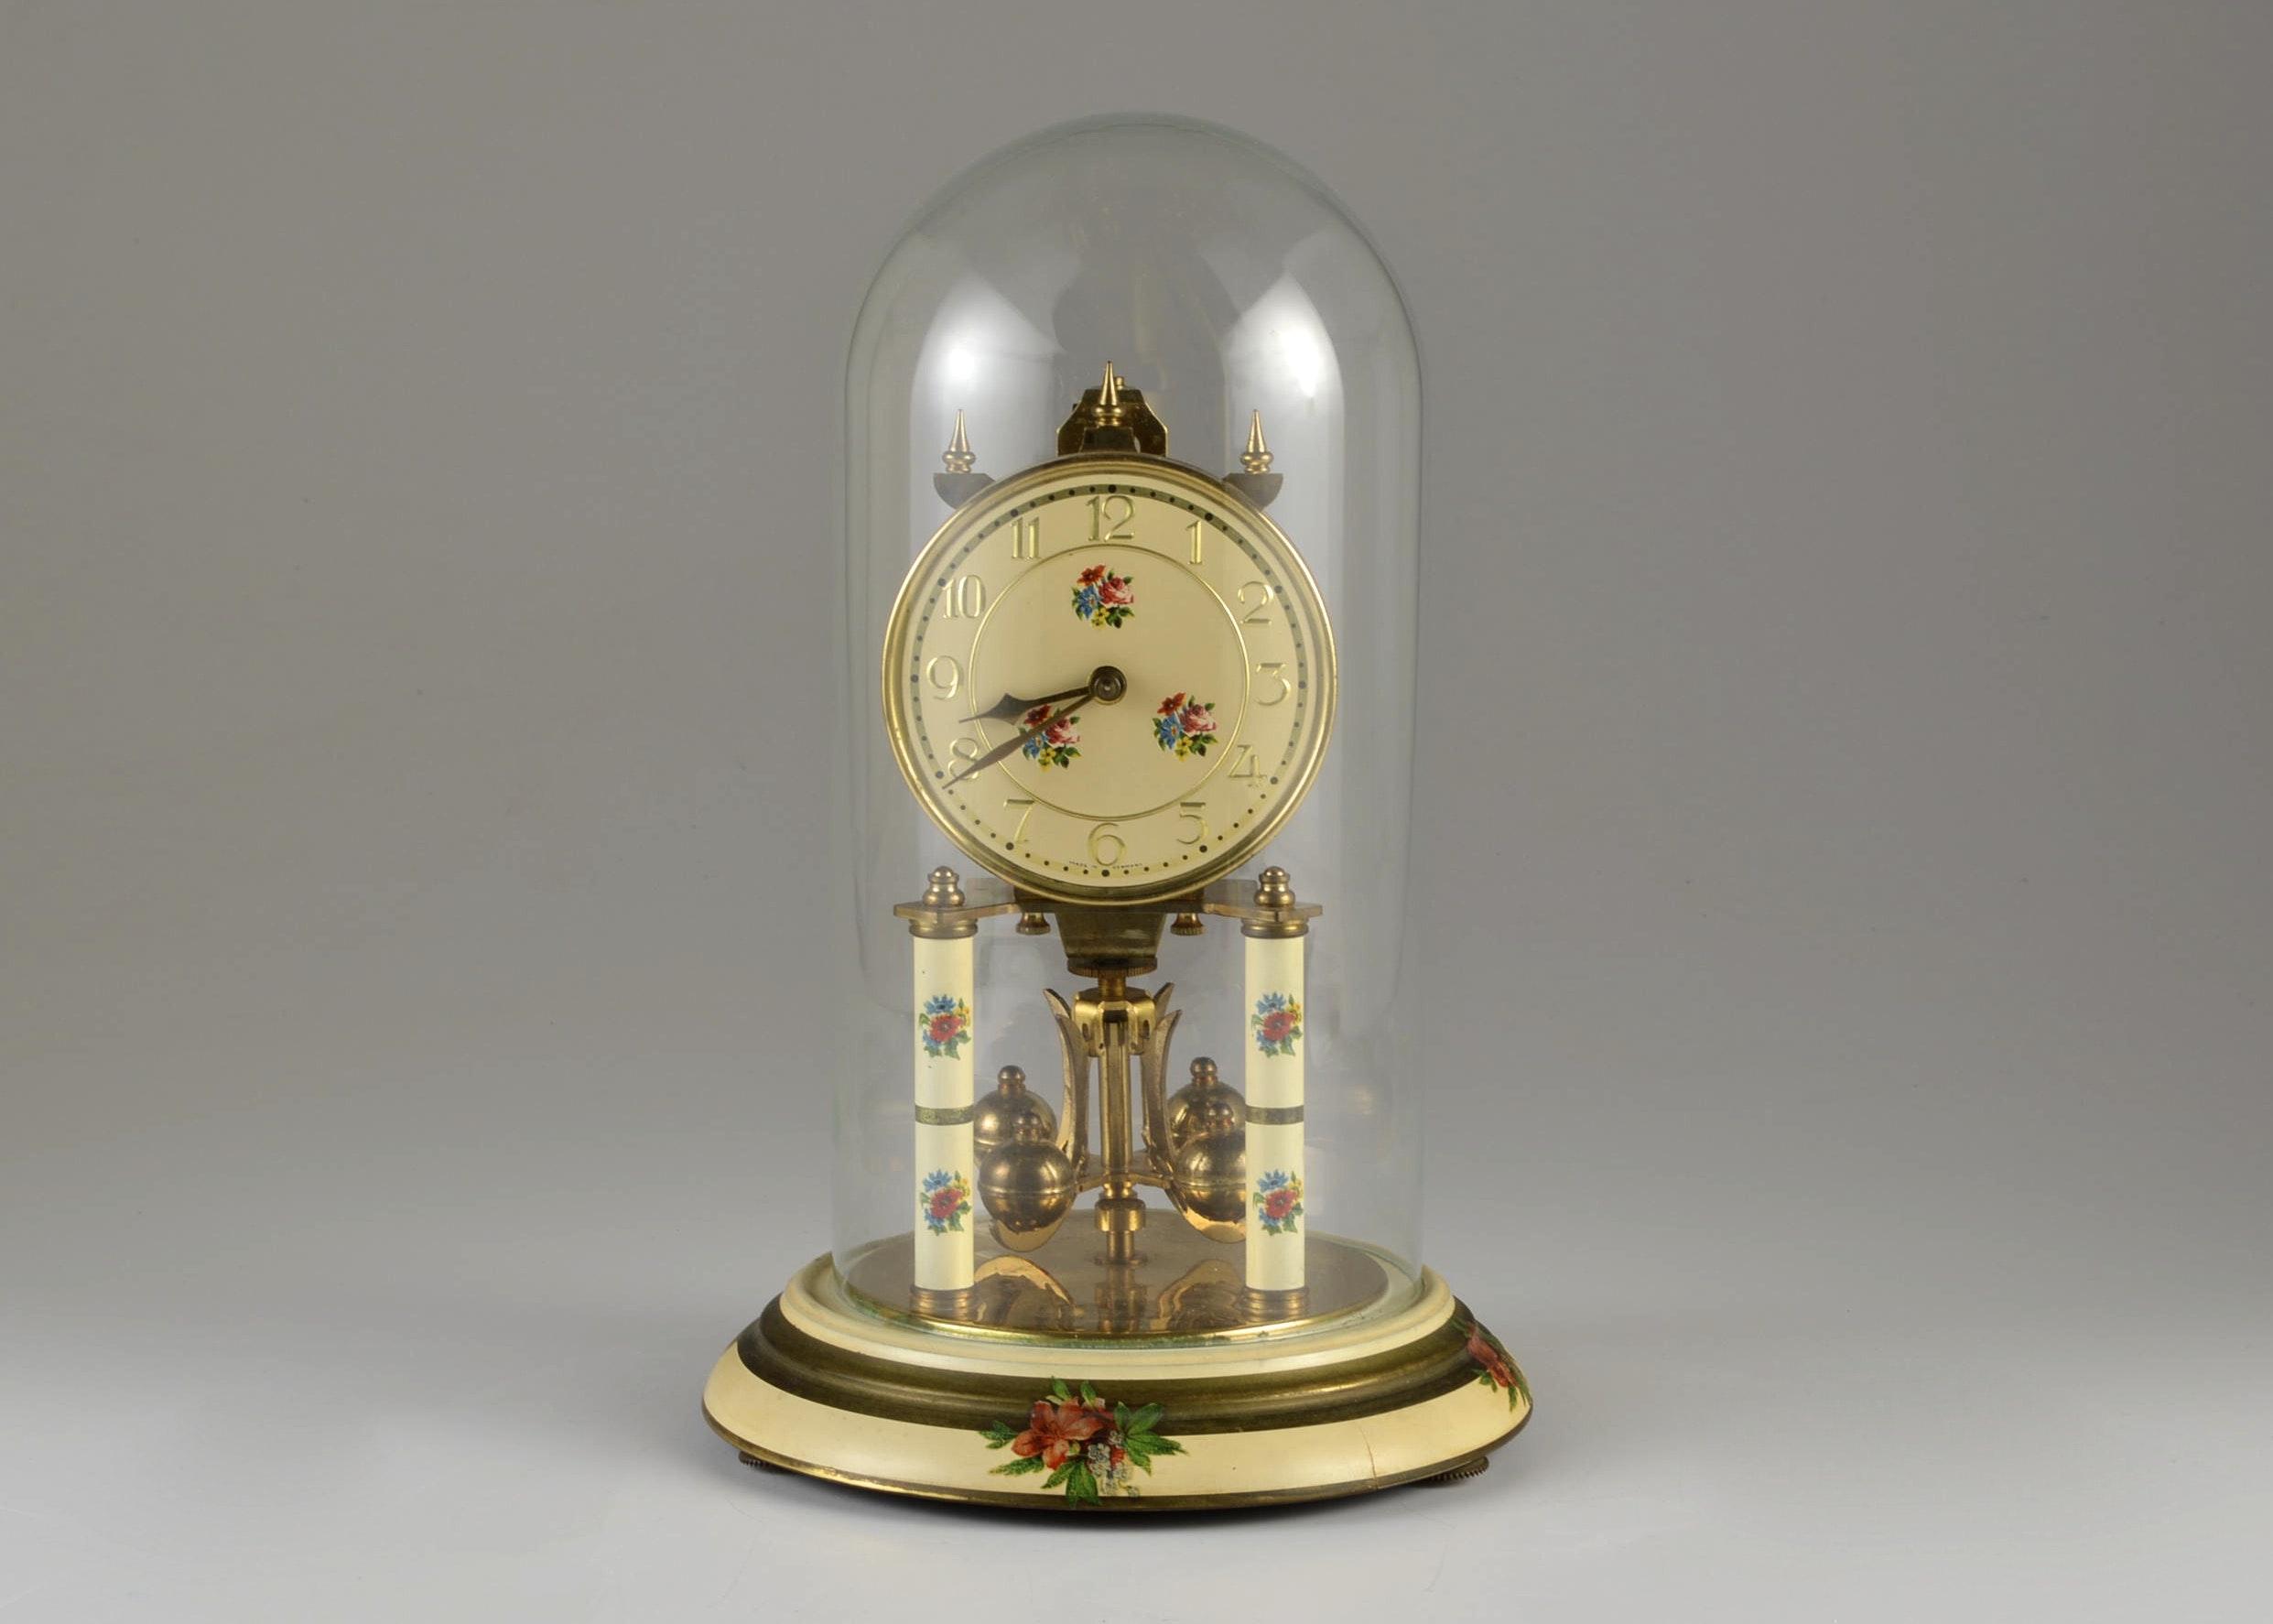 wilmac germany anniversary clock - Anniversary Clock